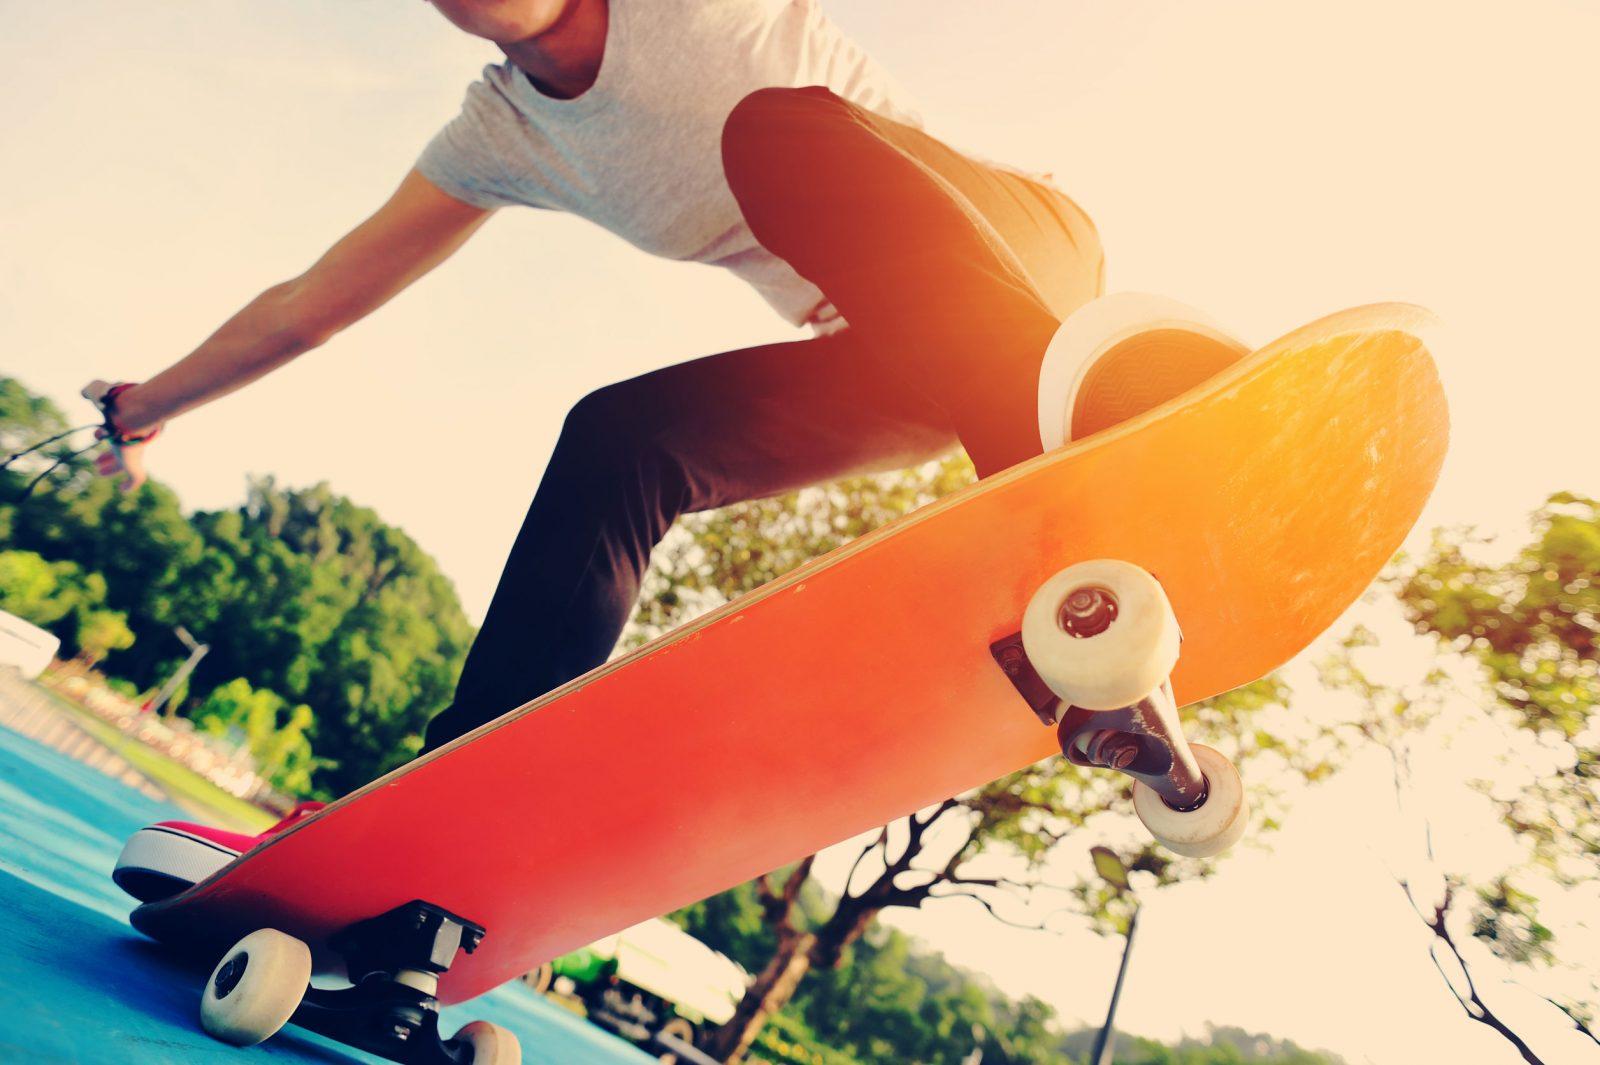 Le skate parc Optimiste de Montmagny ouvrira dès demain